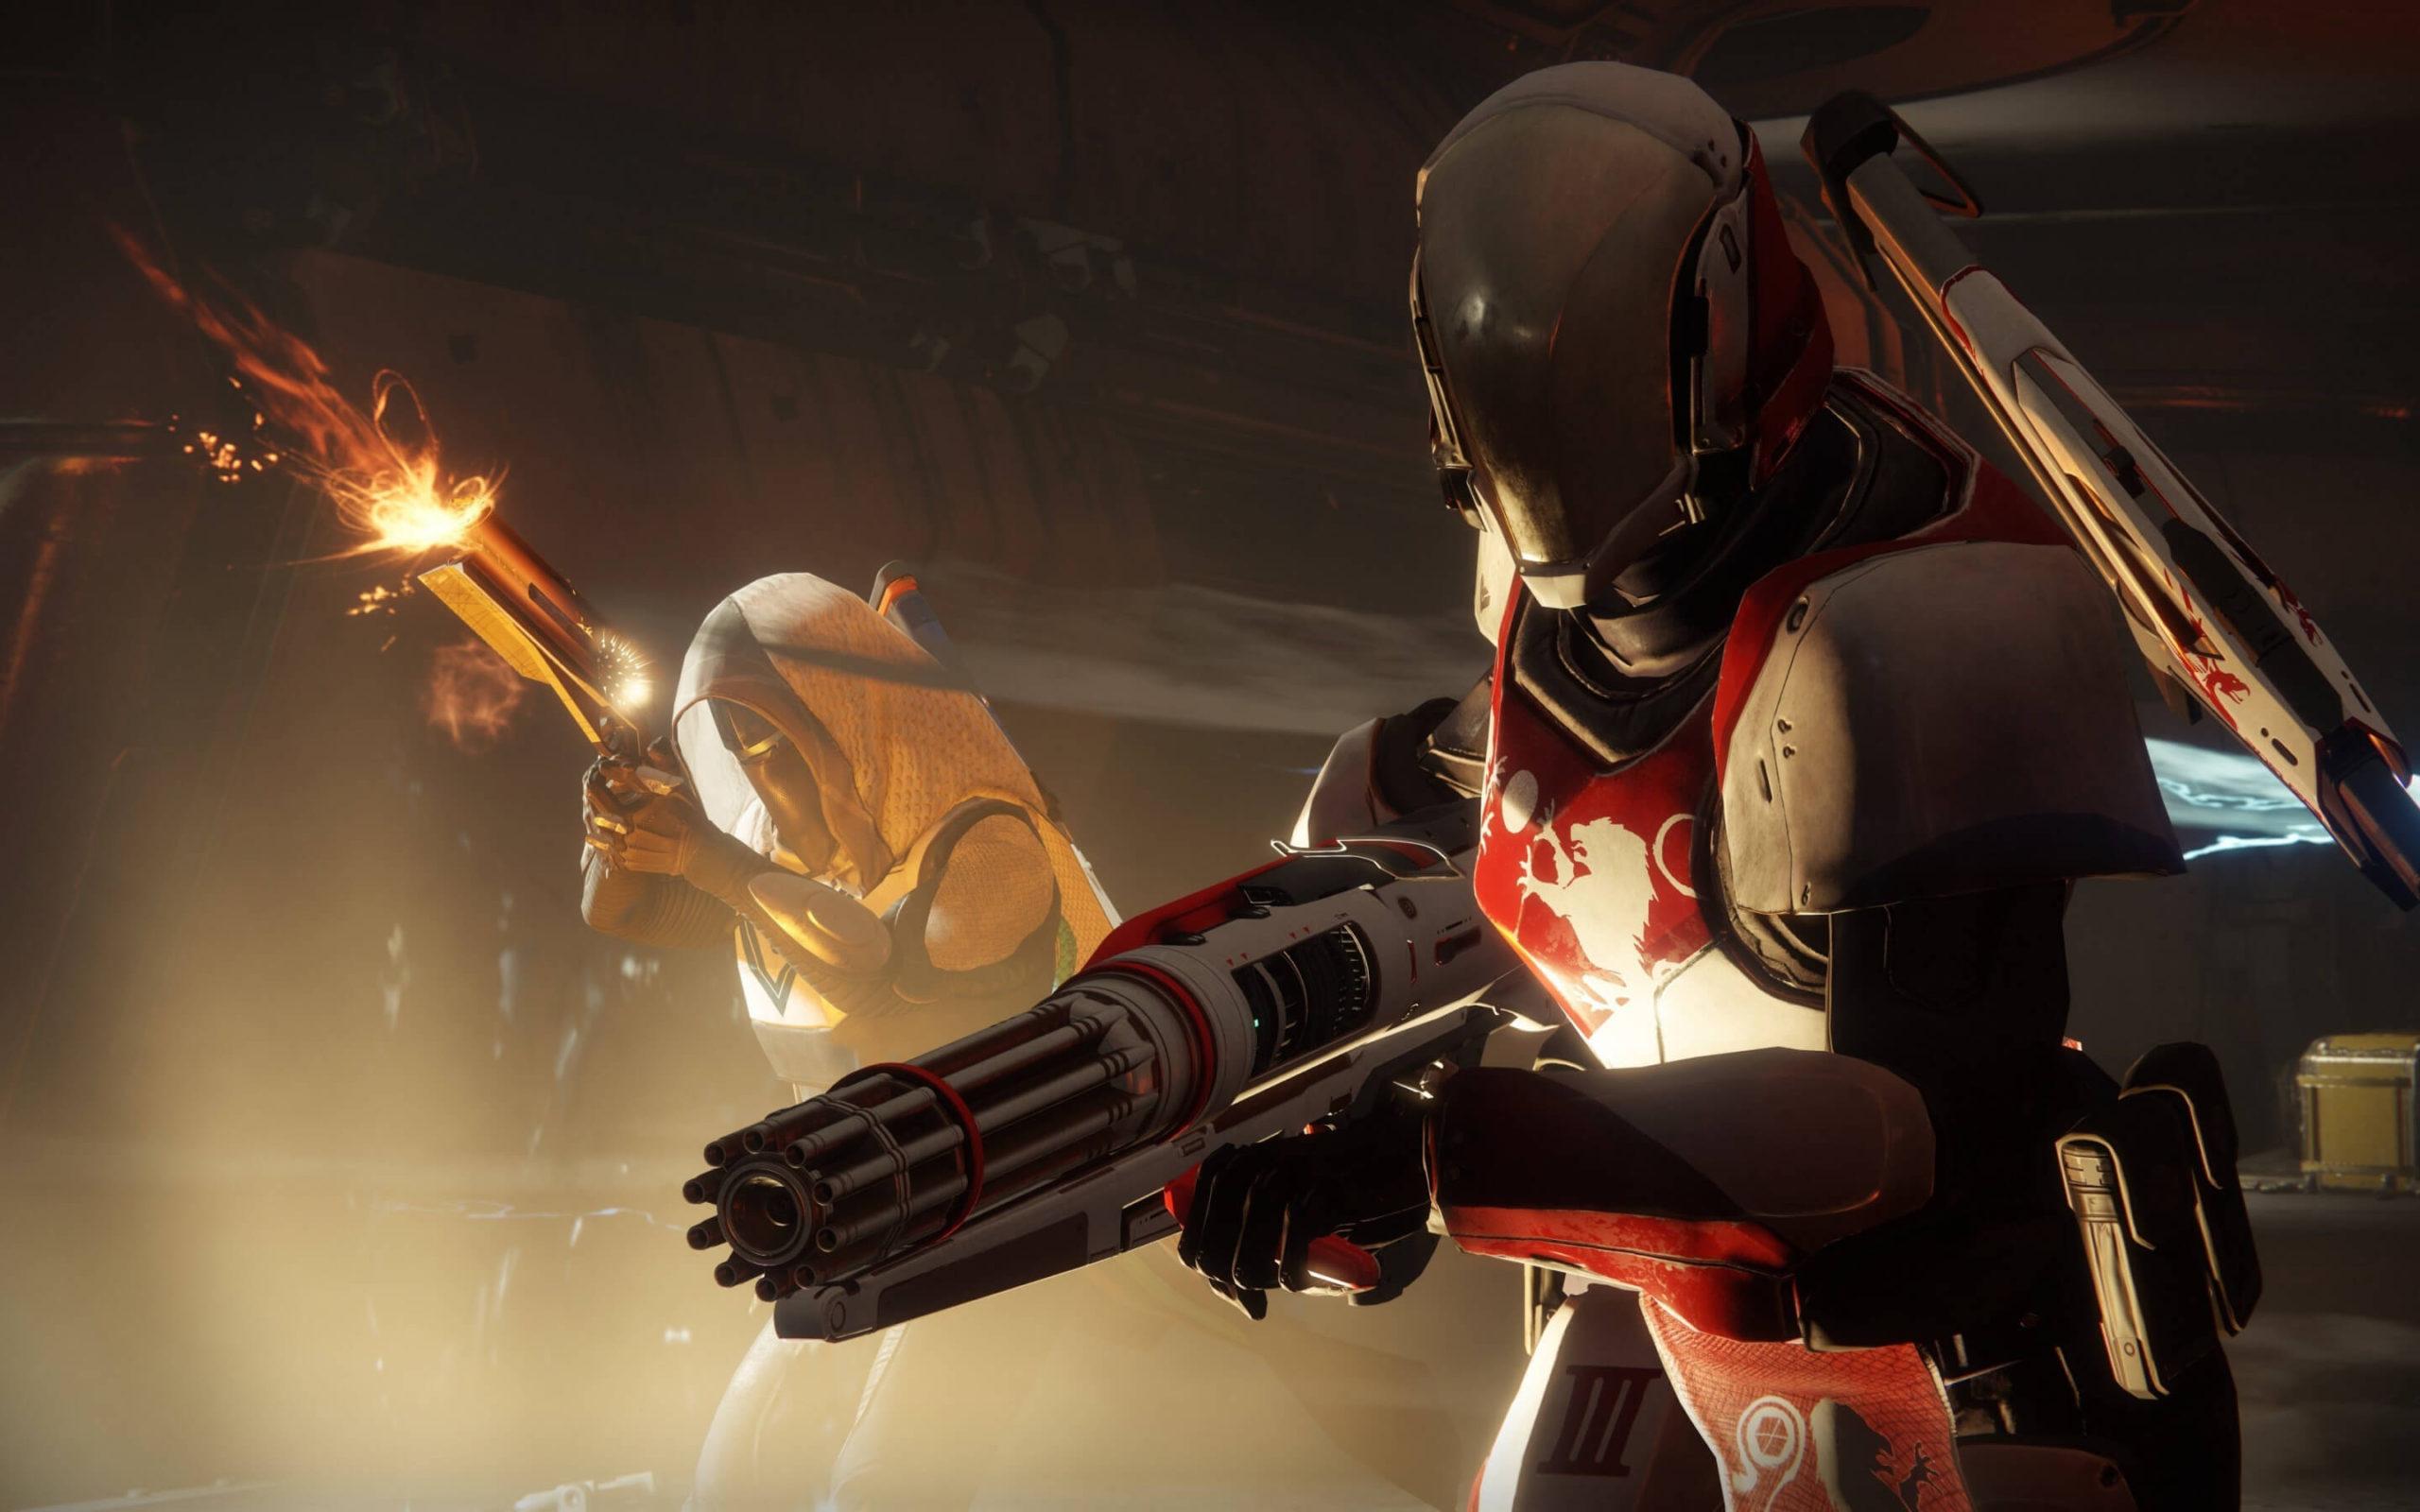 Destiny 2 : как получить броню и оружие